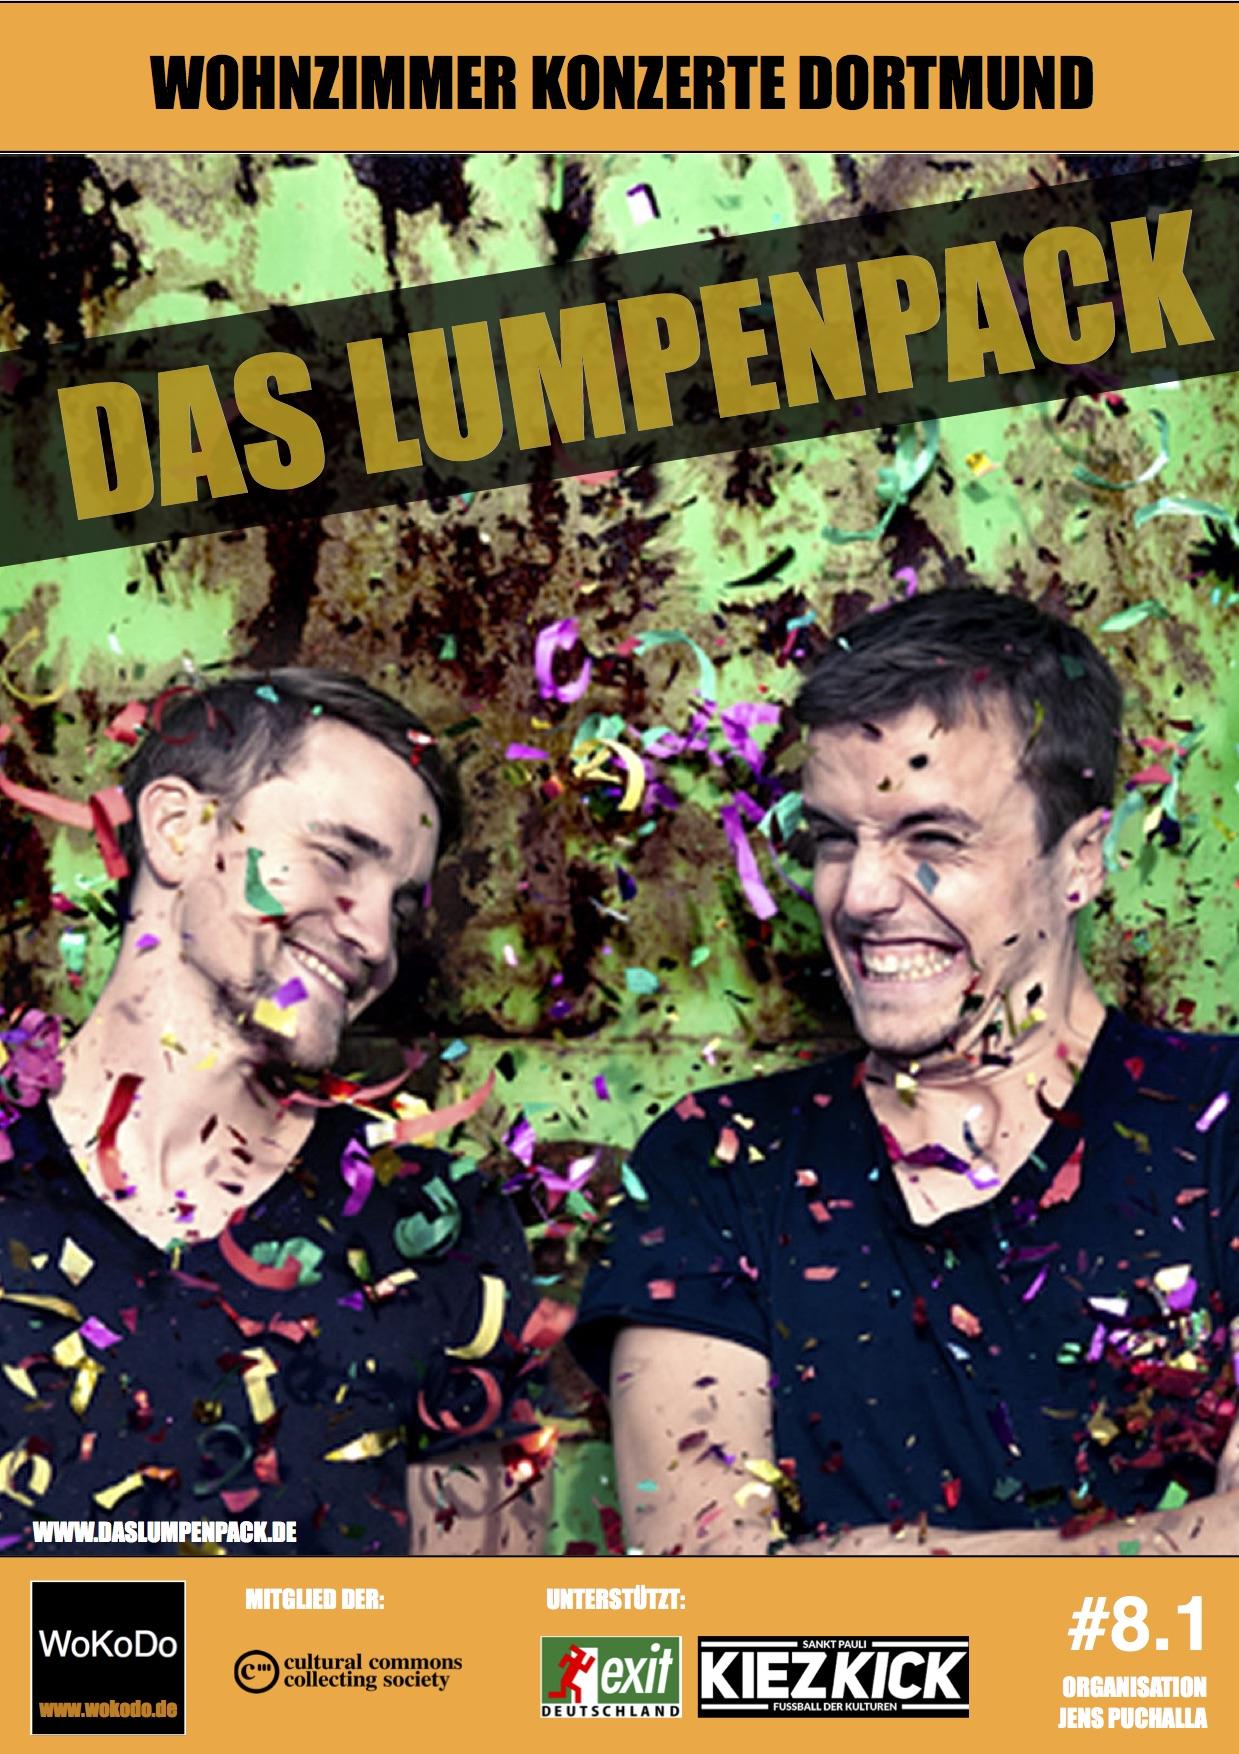 Wohnzimmer Konzerte Dortmund